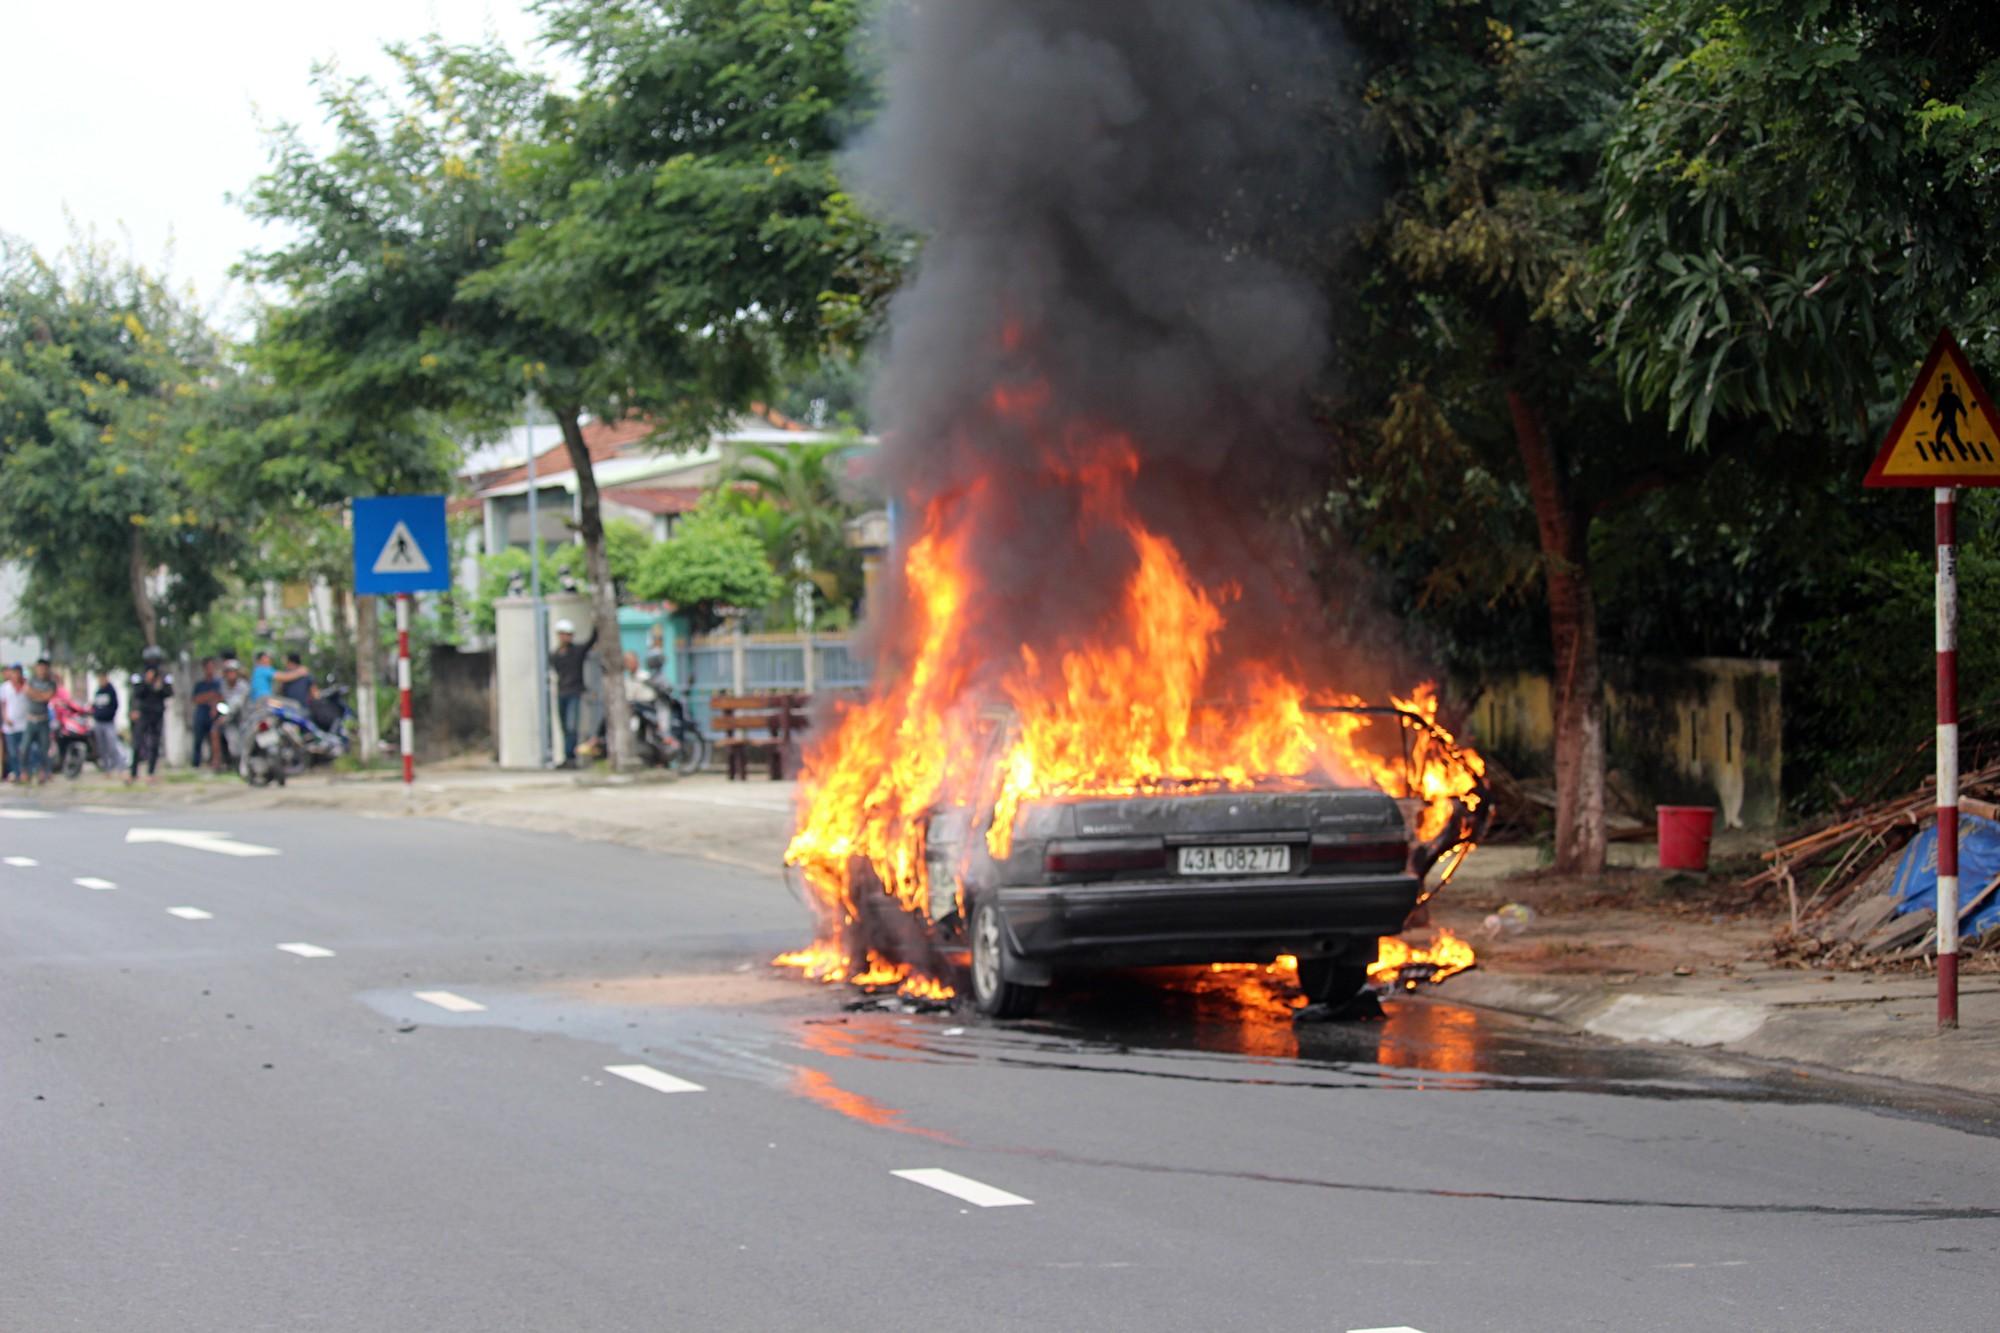 Ô tô 4 chỗ bốc cháy ngùn ngụt giữa đường phố Đà Nẵng, nhiều người tháo chạy - Ảnh 3.